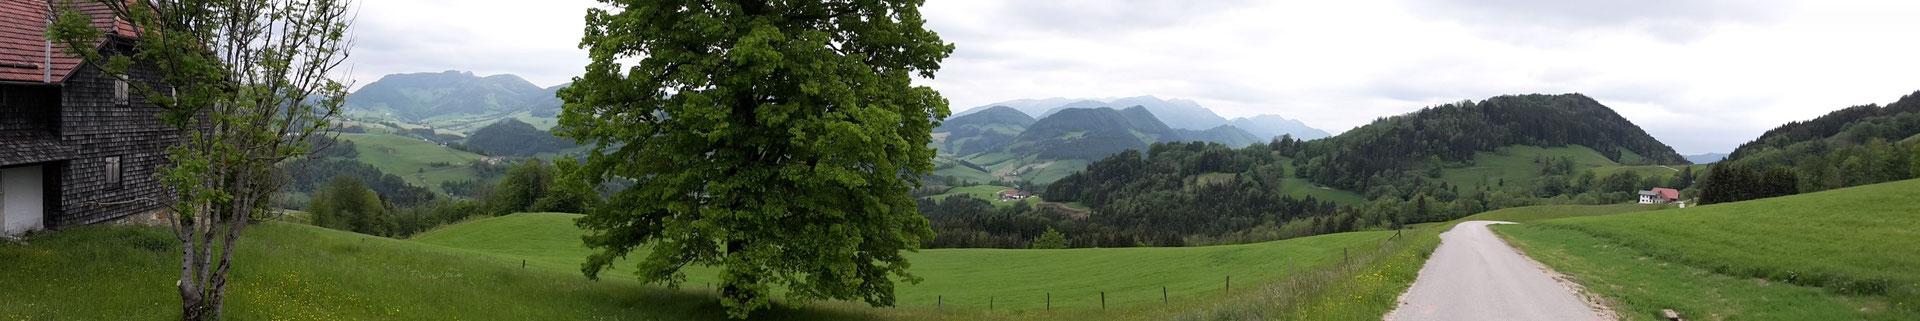 Rückweg auf dem Sträßchen zwischen Buchschachen (hinten rechts) und Glasnerhütte